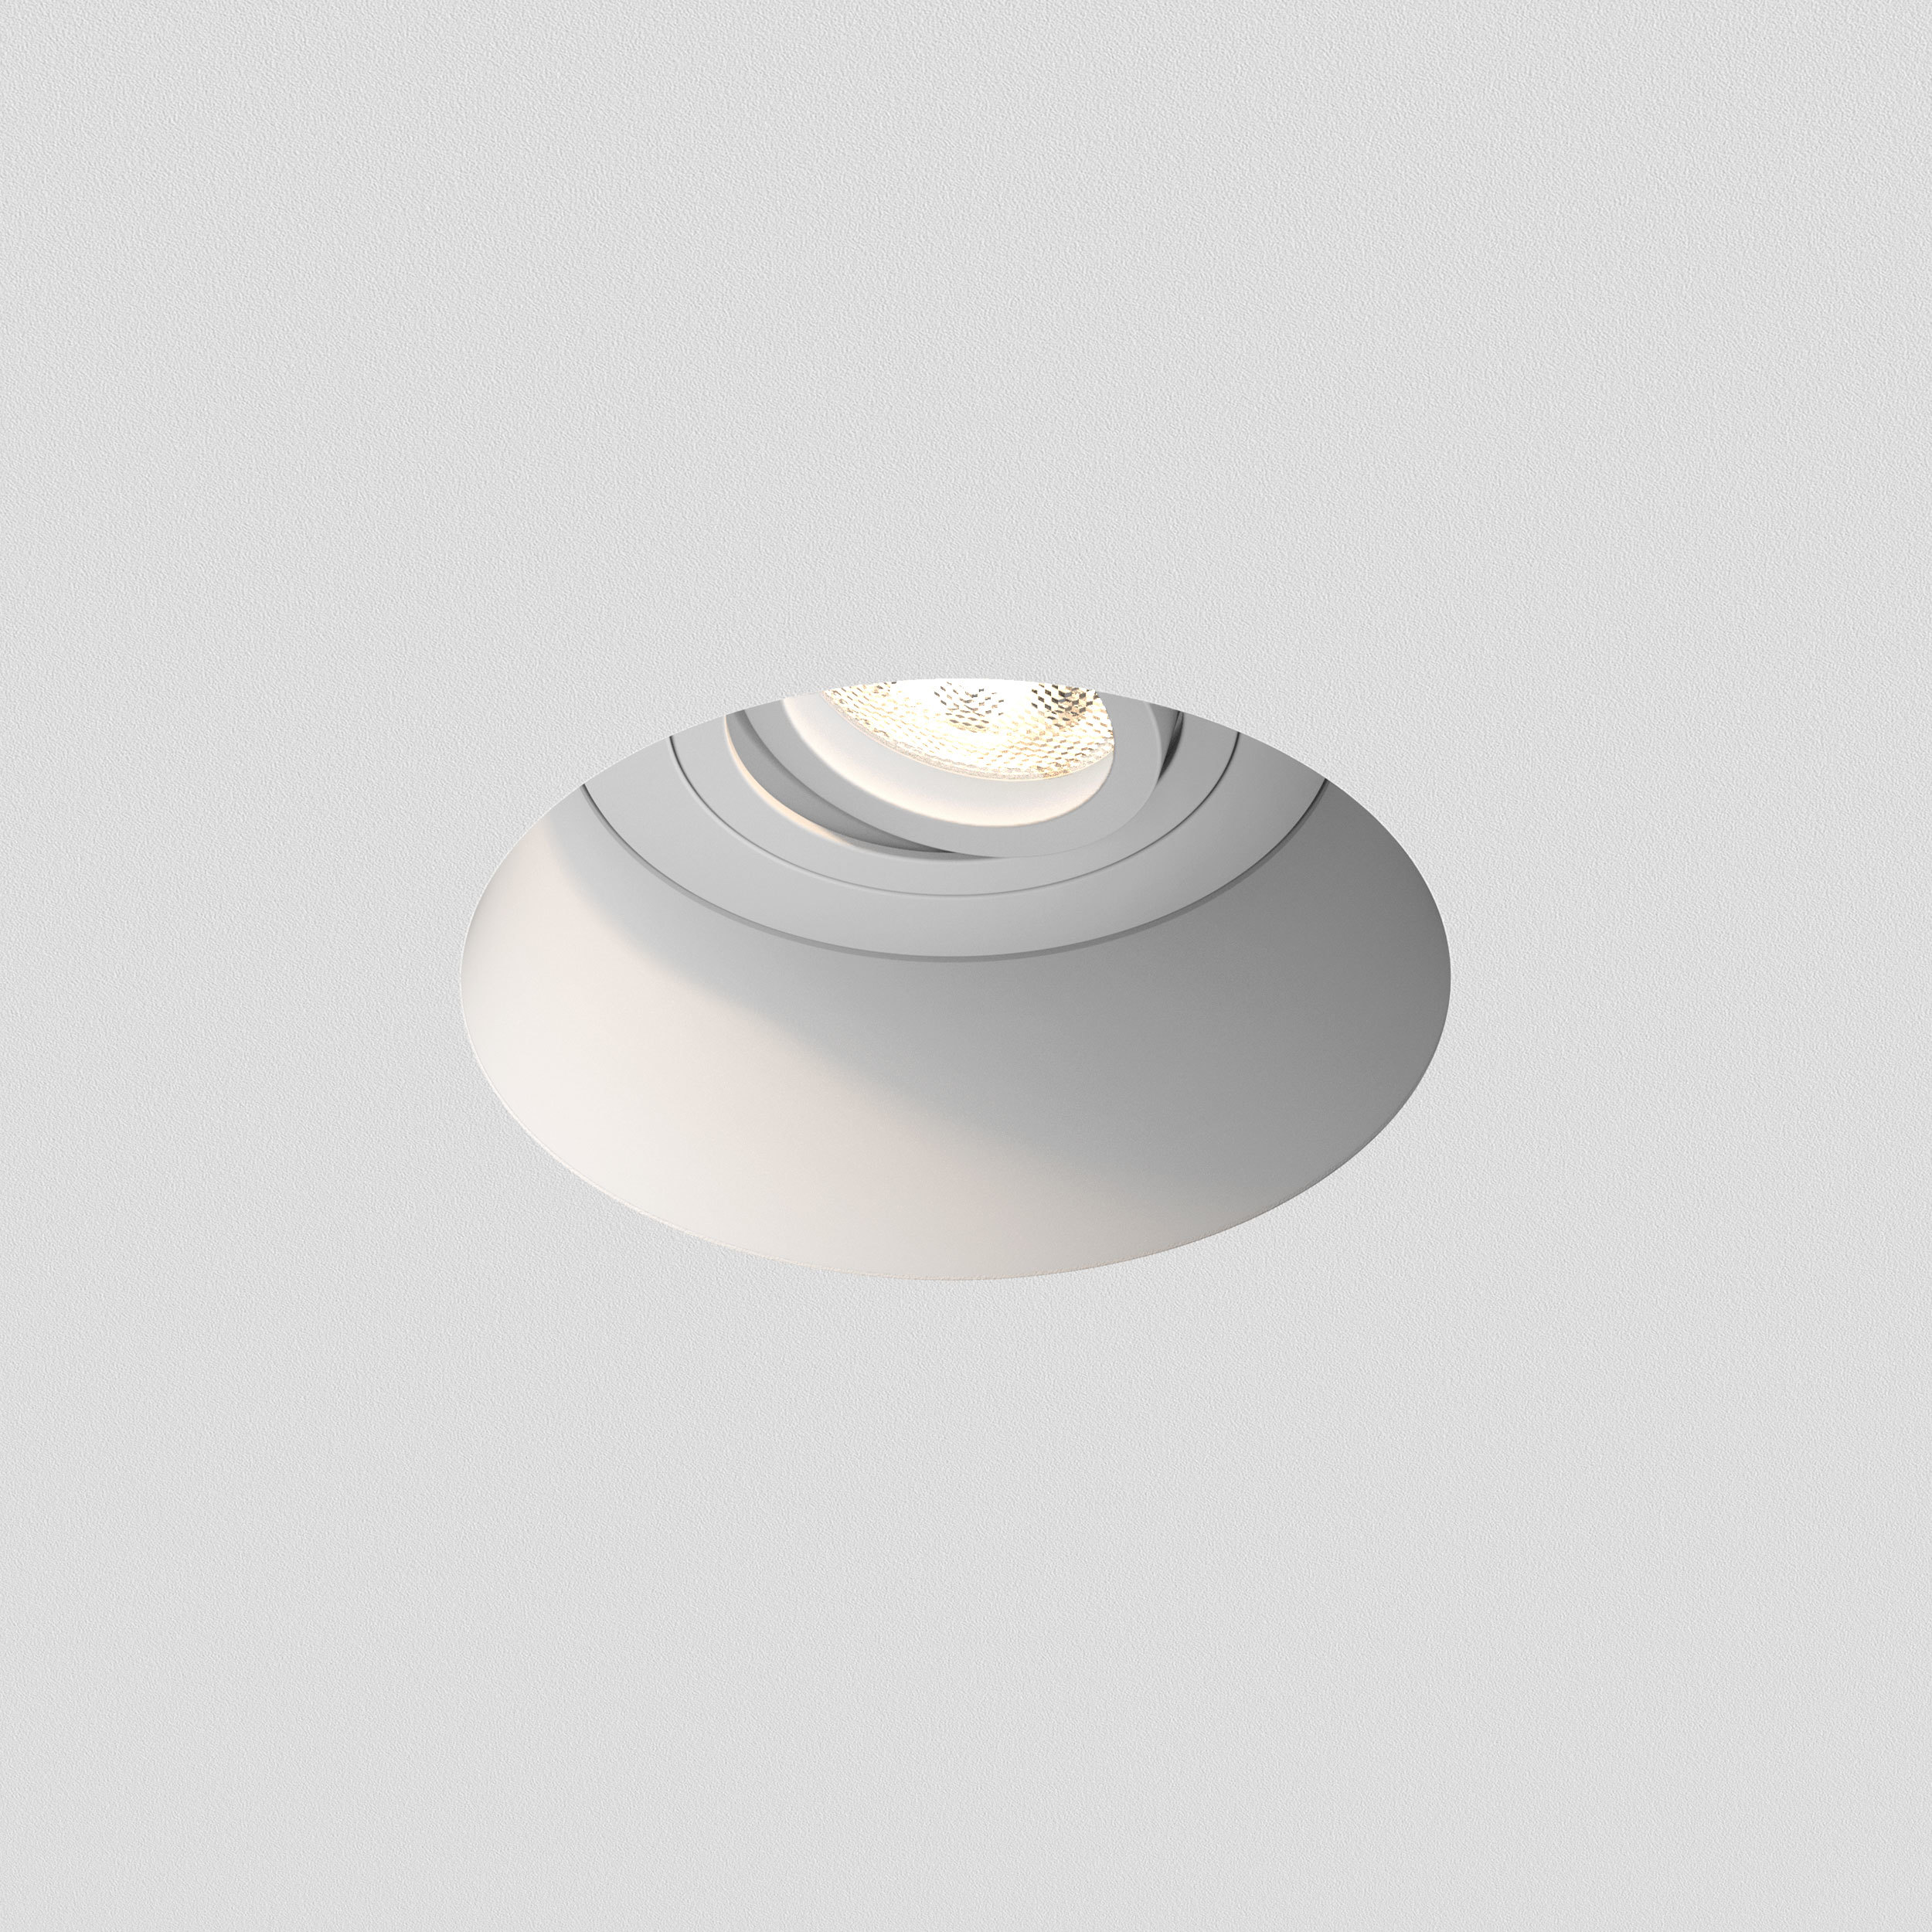 Встраиваемый светильник Astro Blanco 1253005 (7343), 1xGU10x50W, белый, под покраску, гипс, металл - фото 3